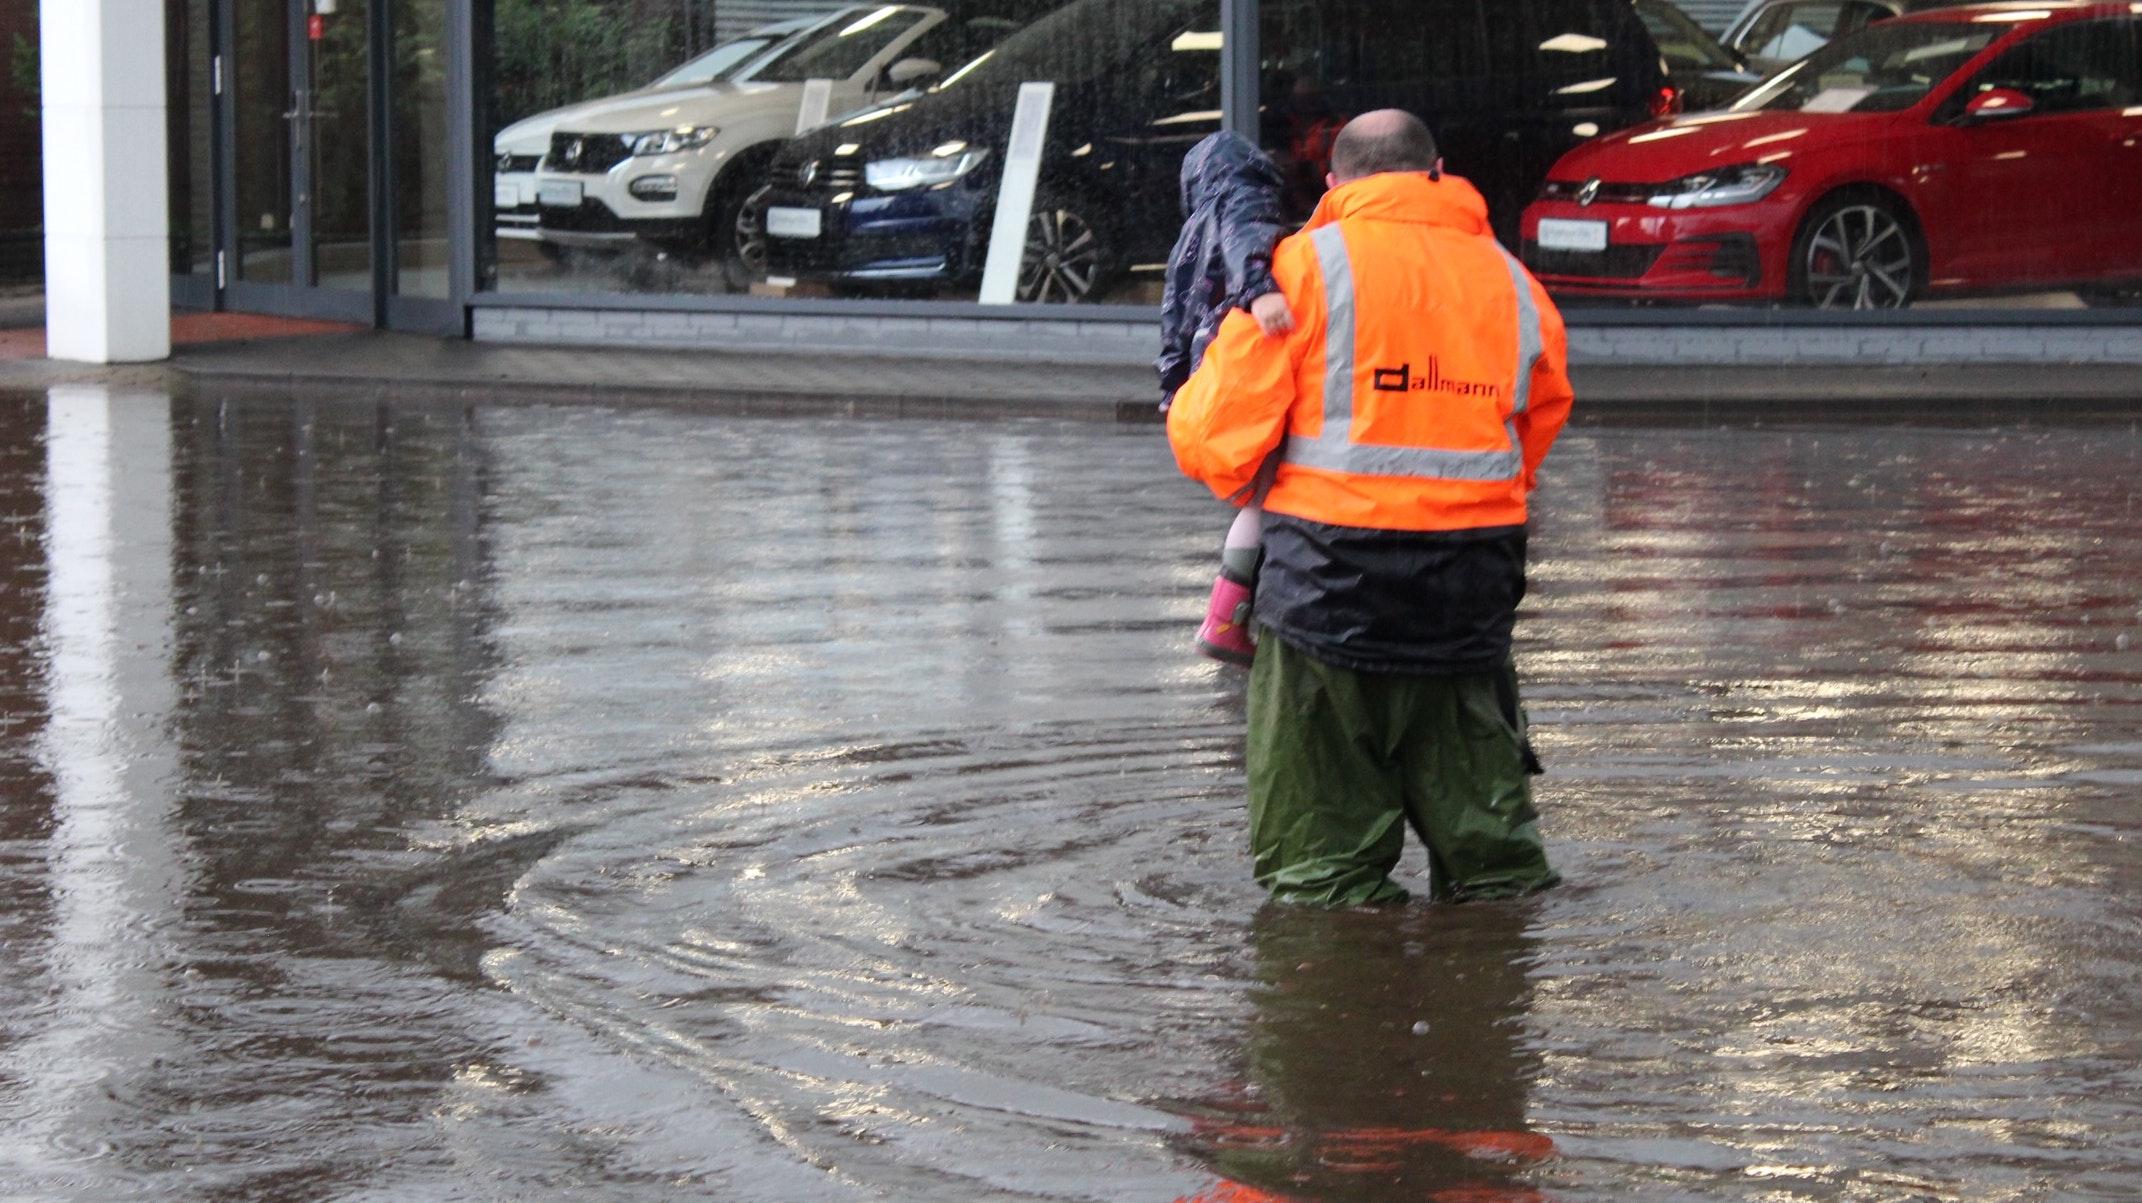 Das Wasser steht bis zu den Knien: In Damme sind mehrere Straßen sturzbachartig überflutet worden. Foto: Bernd Bergmann